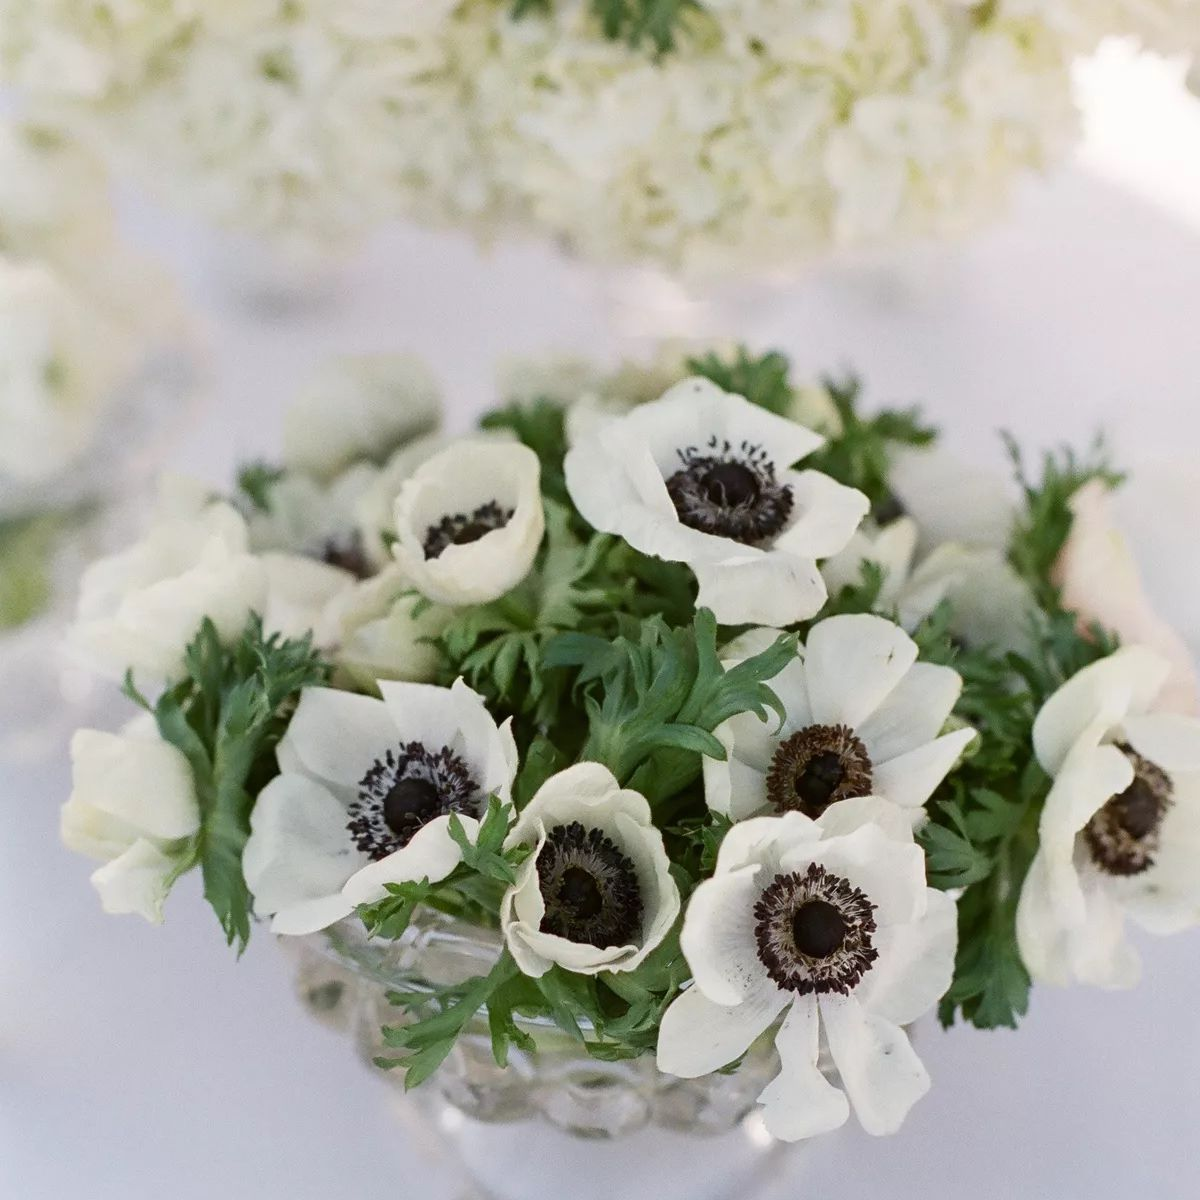 anemone flower centerpiece